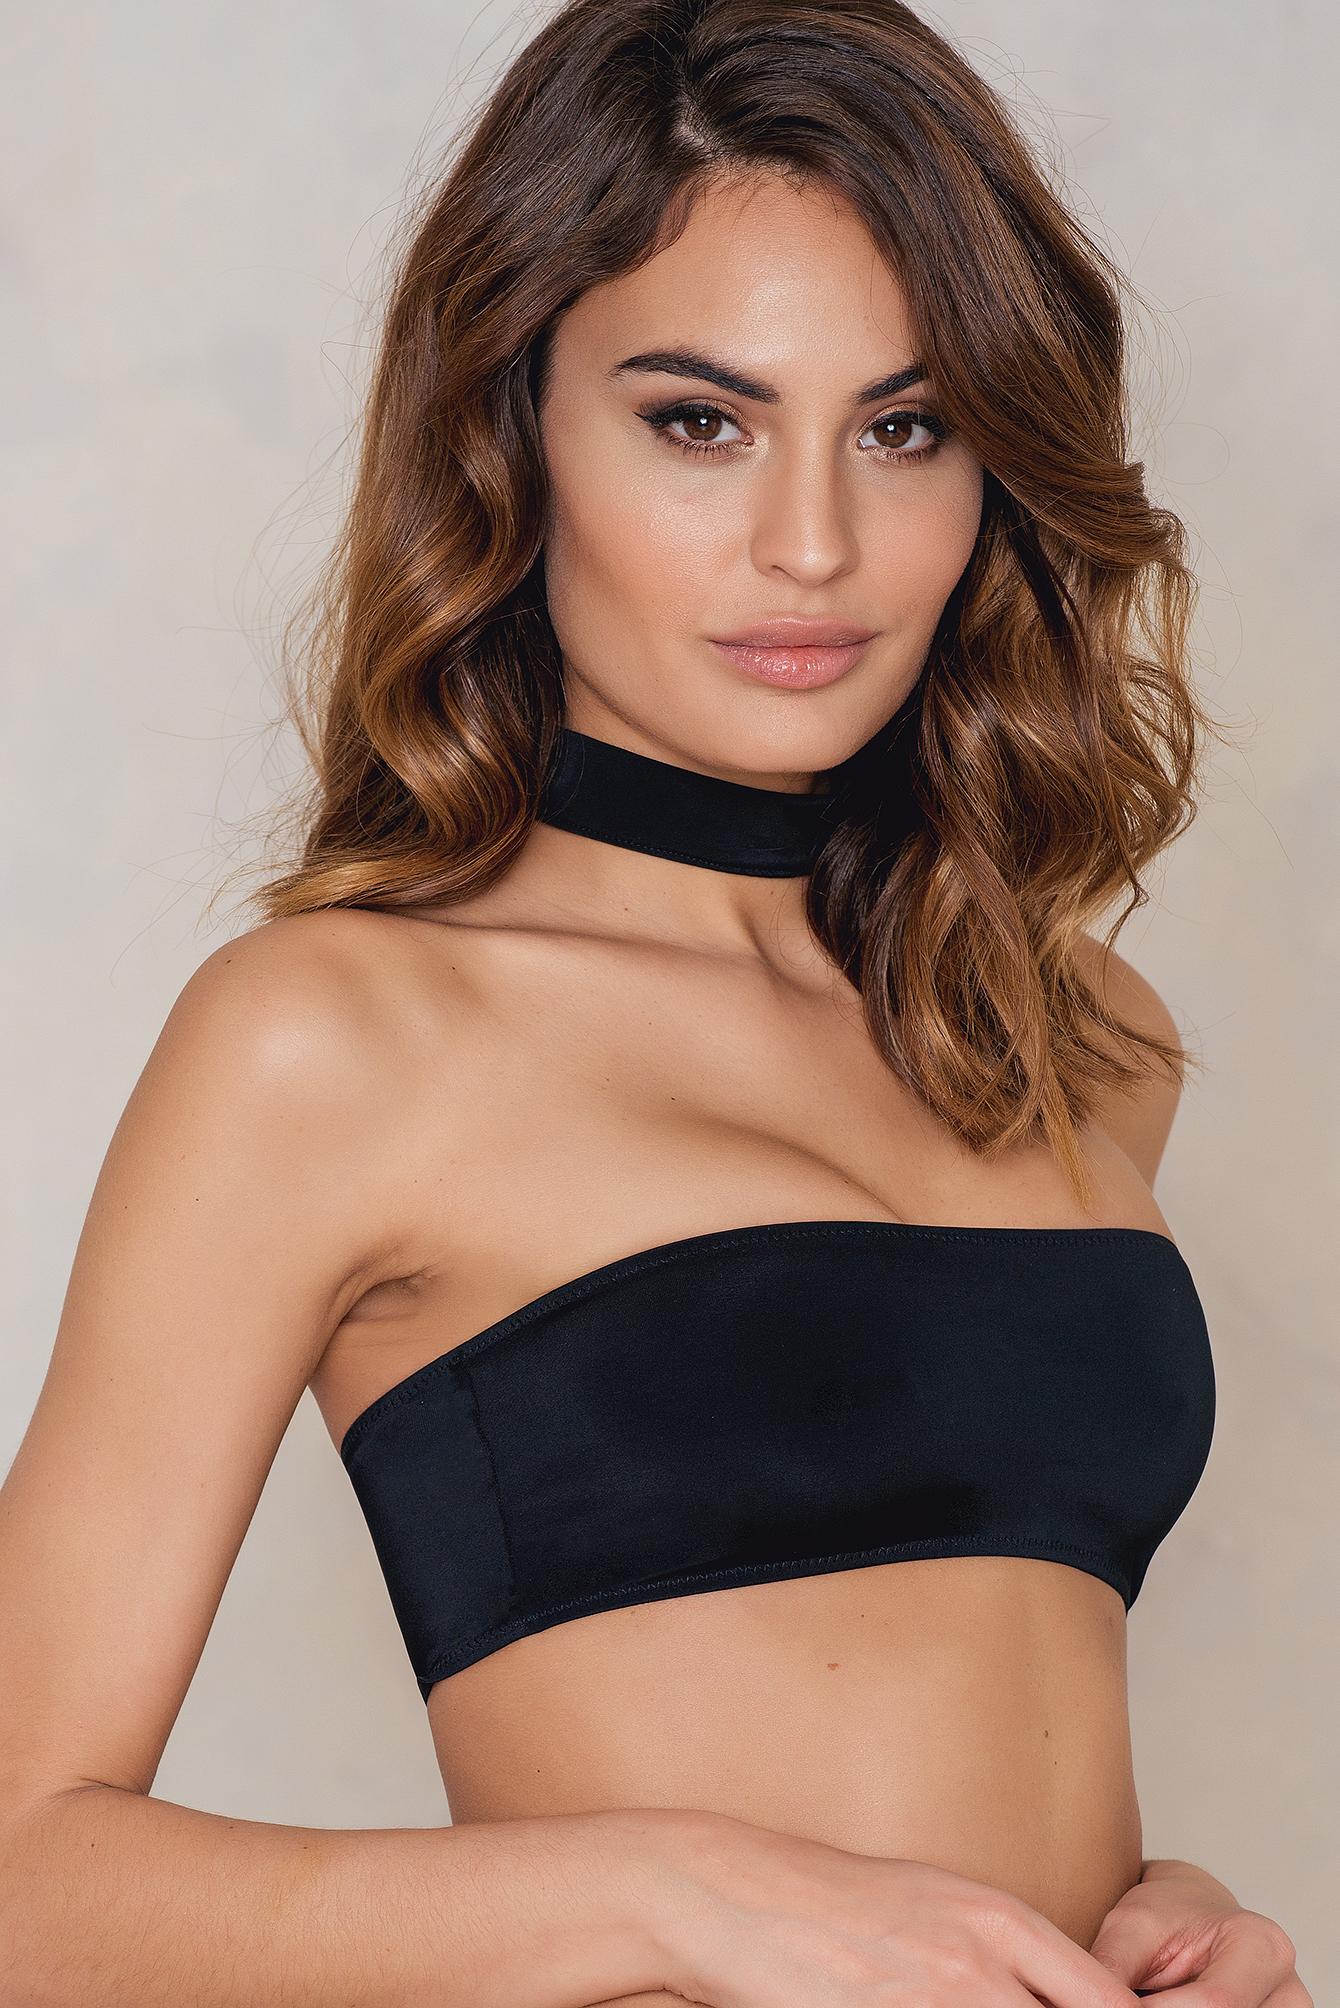 na-kd swimwear -  Choker Bandeau Bikini Top - Black